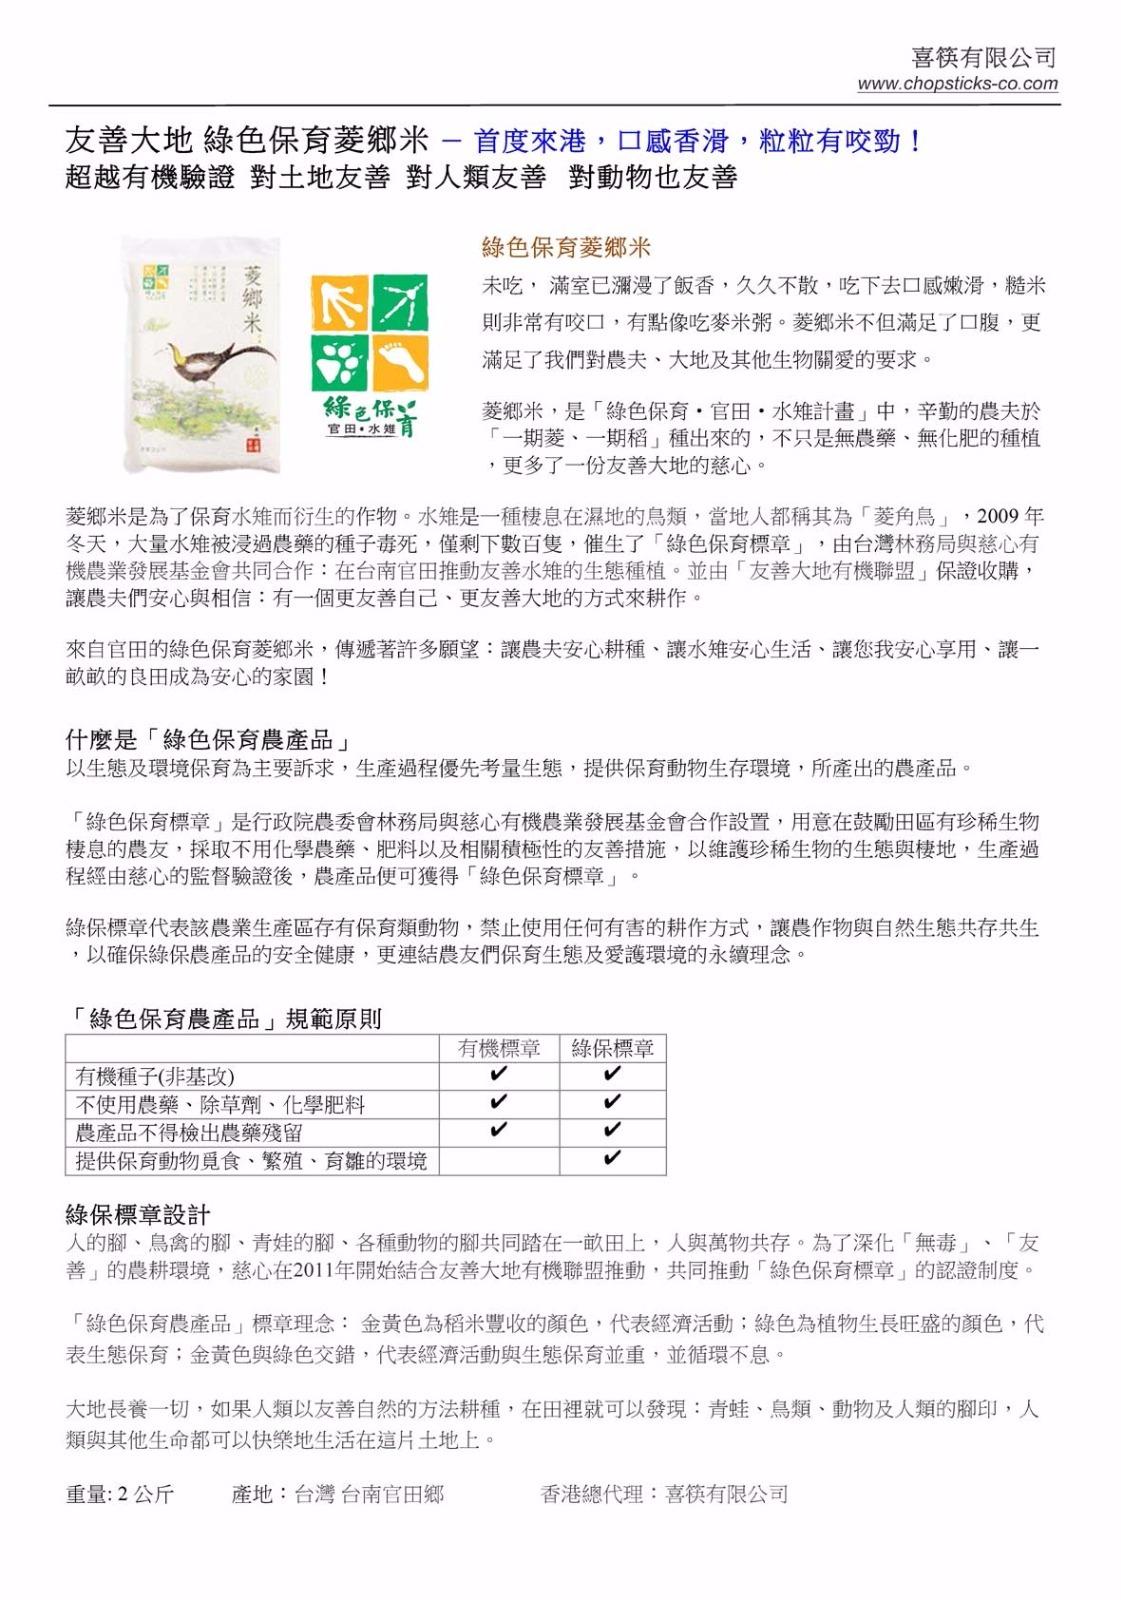 綠色保育菱鄉米